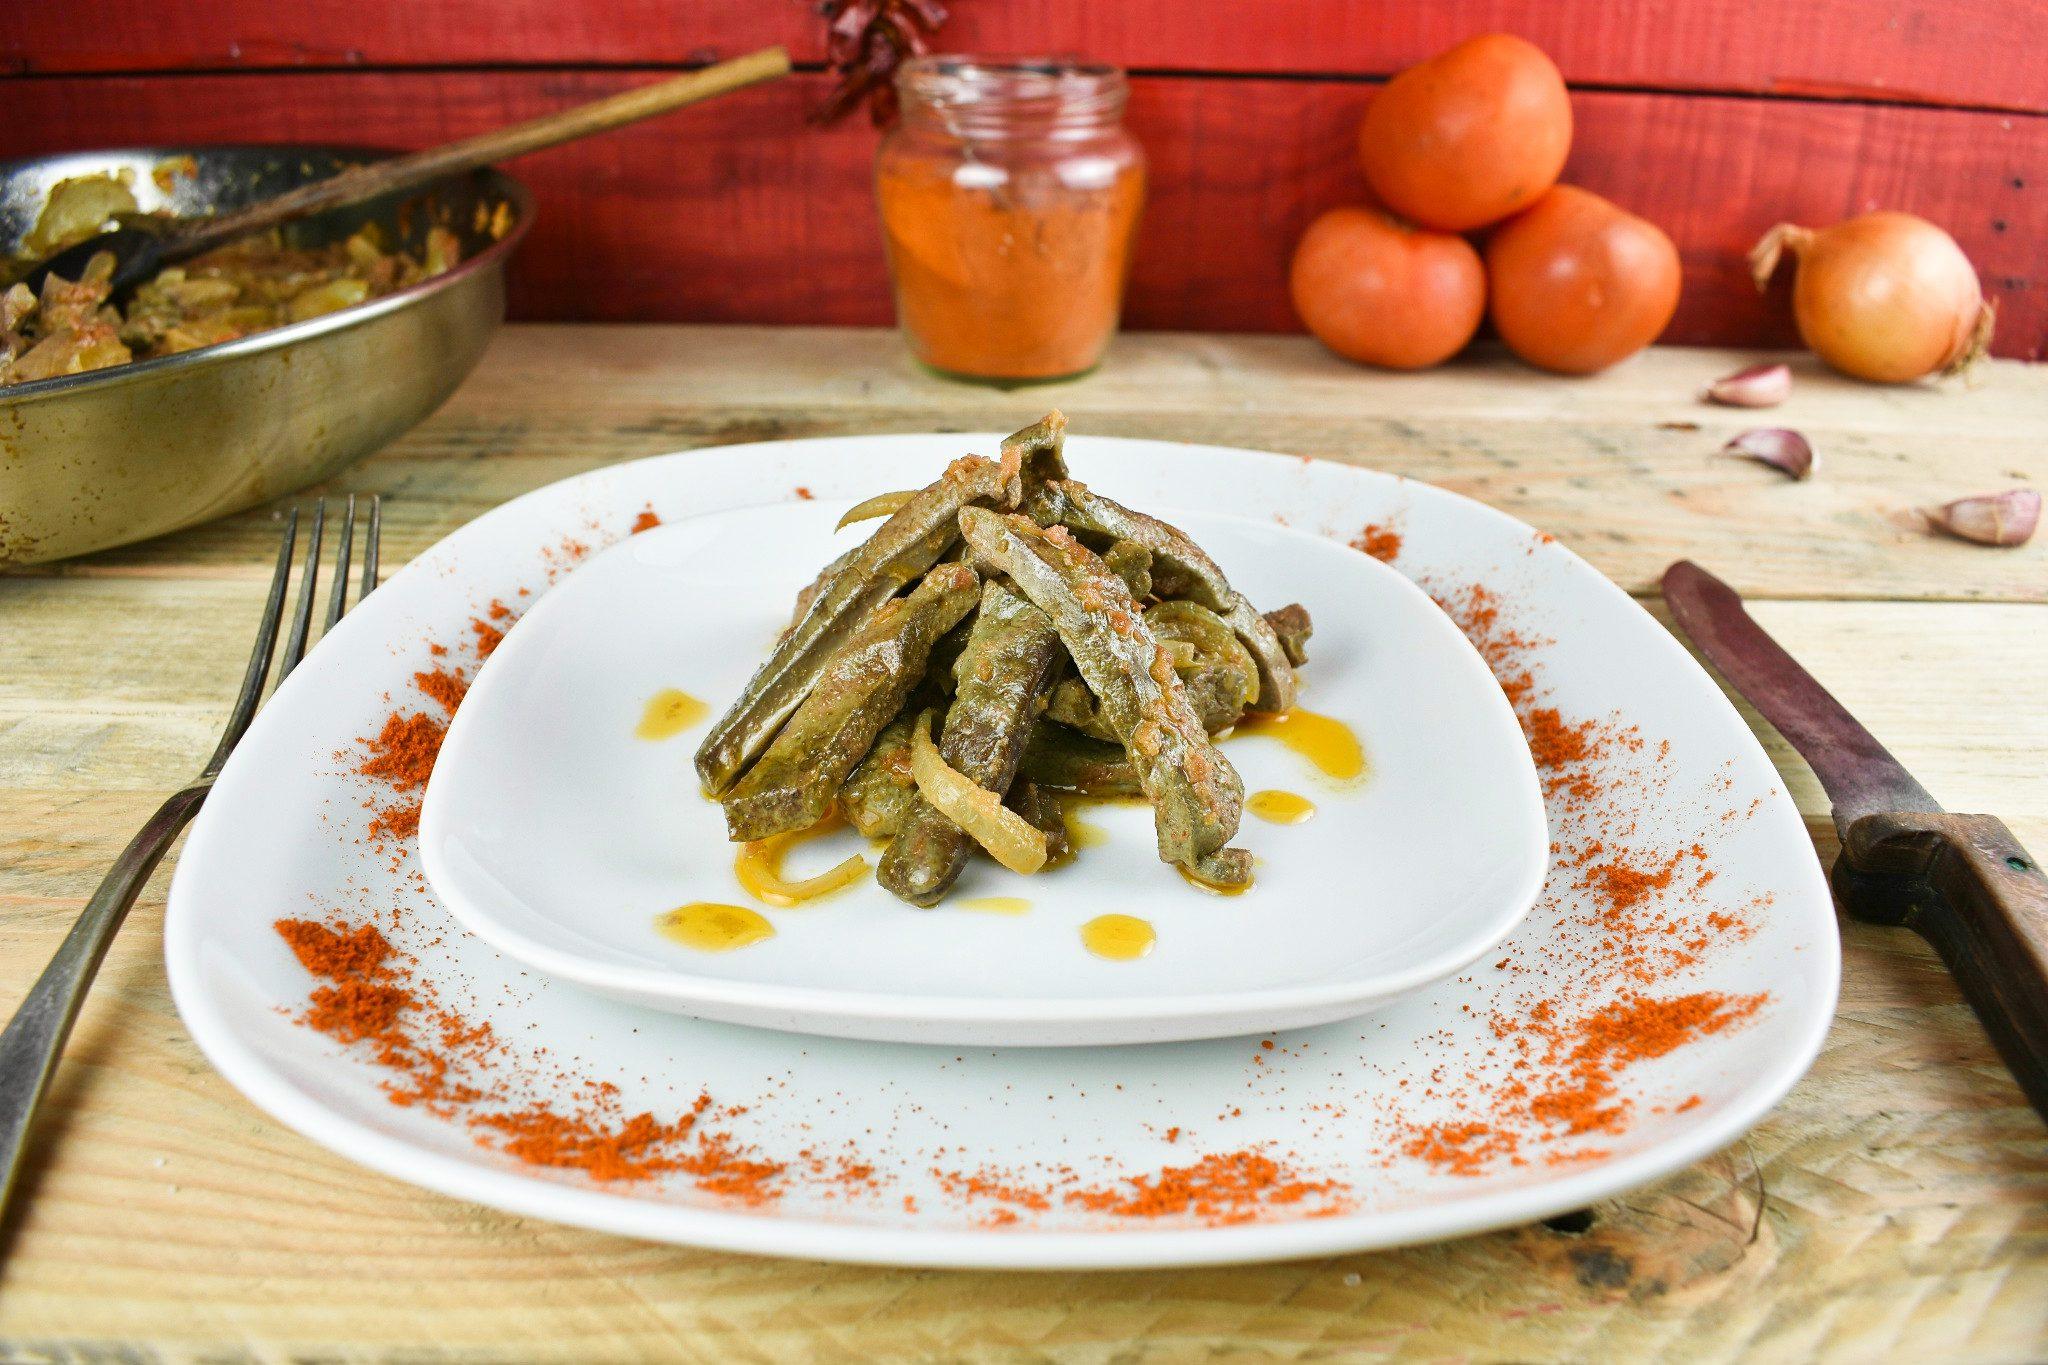 Beef-liver-recipe-pork-liver-recipe-1-SunCakeMom